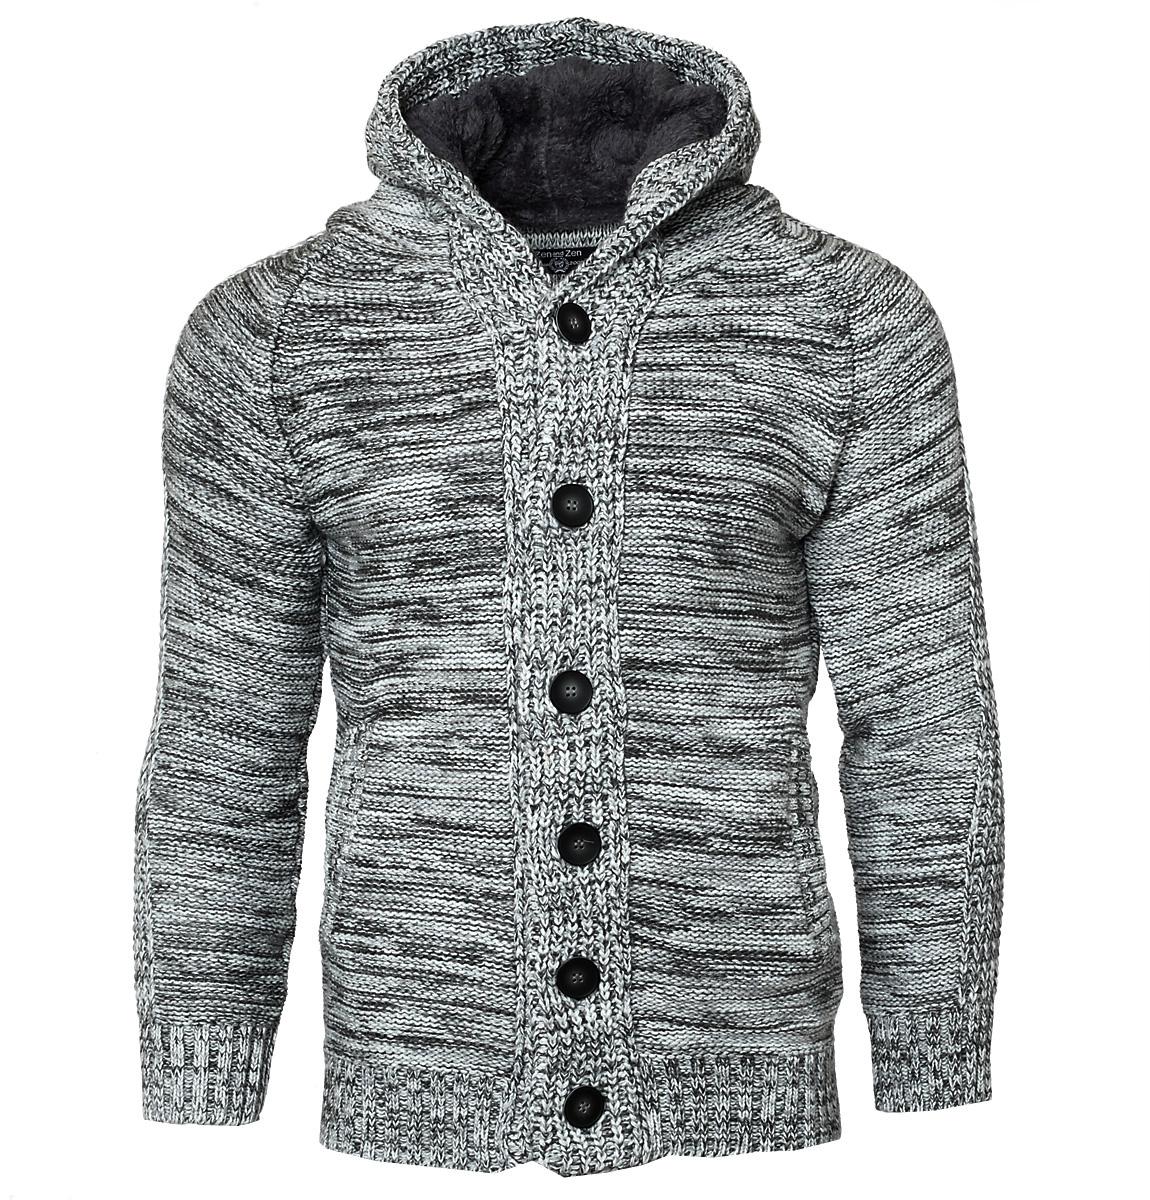 Πλεκτή Ζακέτα Zen Grey αρχική ανδρικά ρούχα ζακέτες